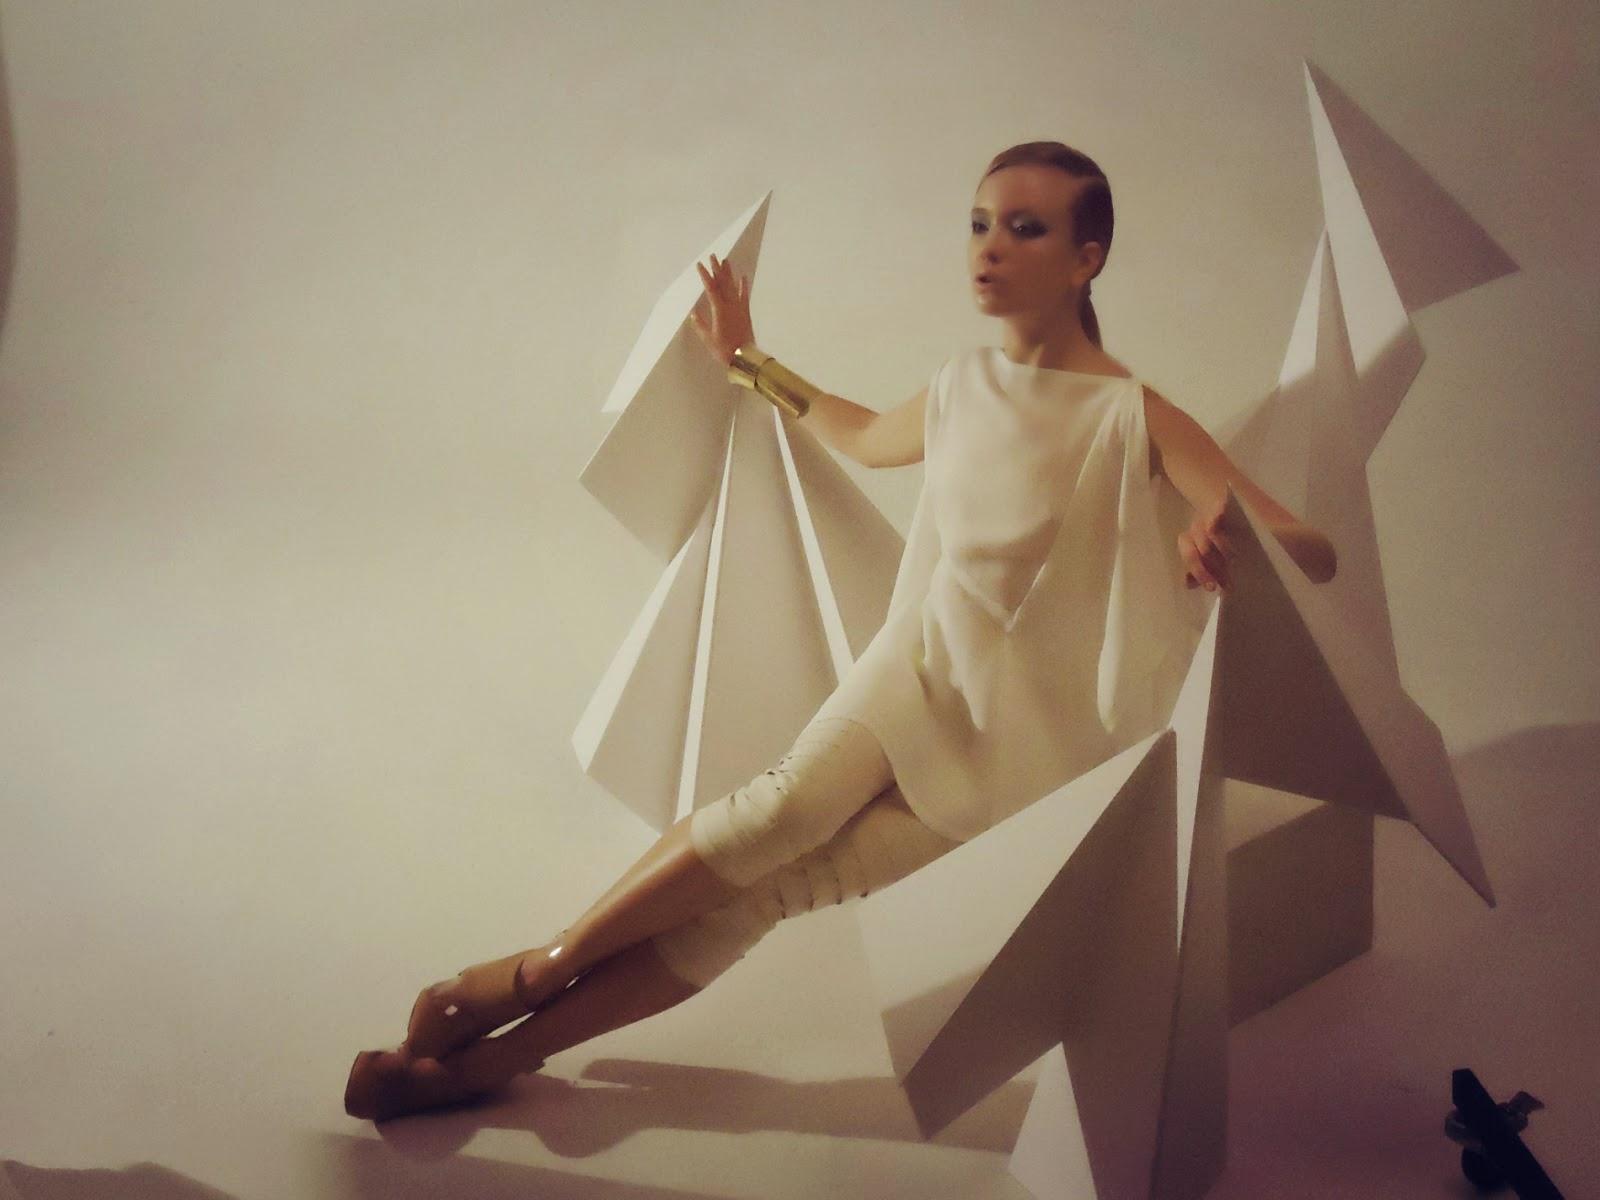 Masha, modelo new icon, prospectamoda, campaña sapica marzo 2015, méxico d.f.